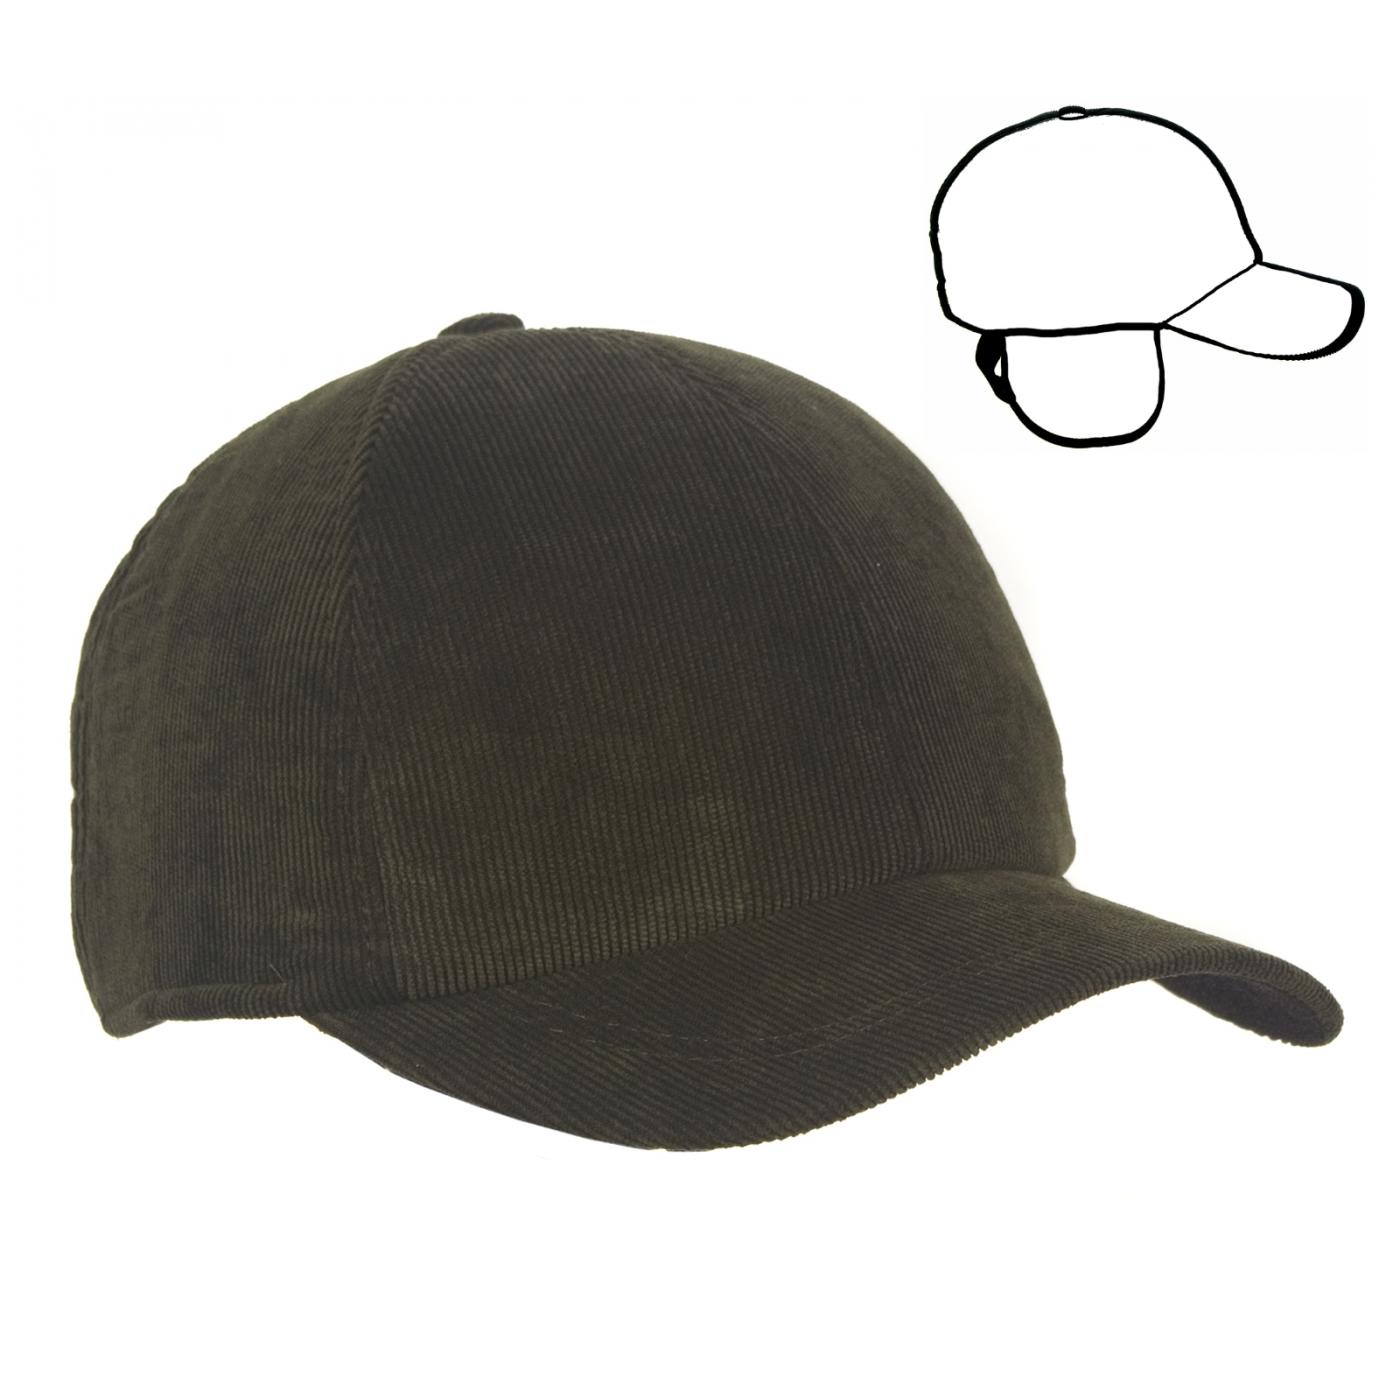 Męska zimowa sztruksowa czapka z daszkiem - oliwkowa